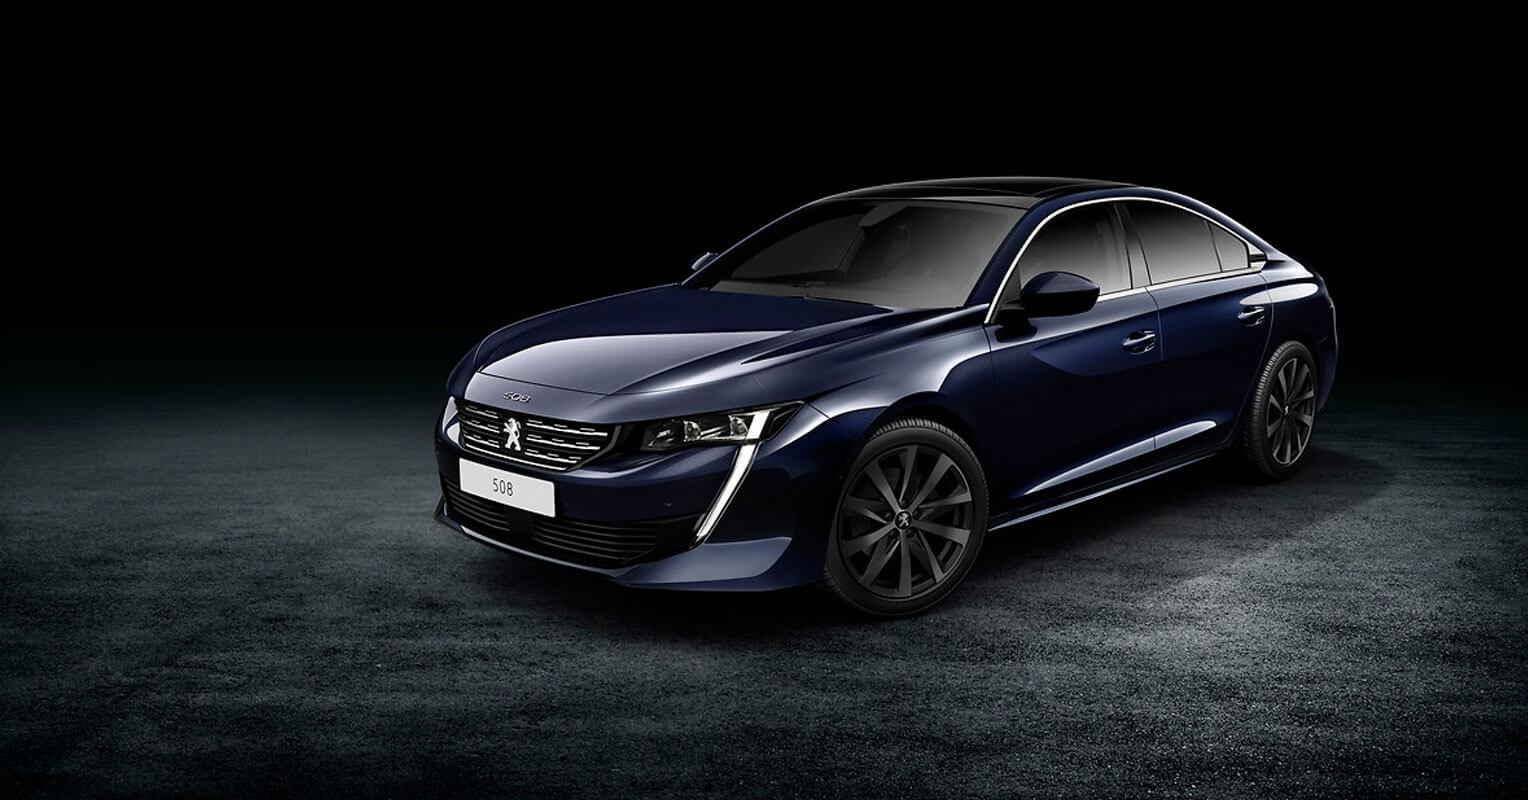 Los 8 rivales del Opel Insignia Grand Sport - Peugeot 508